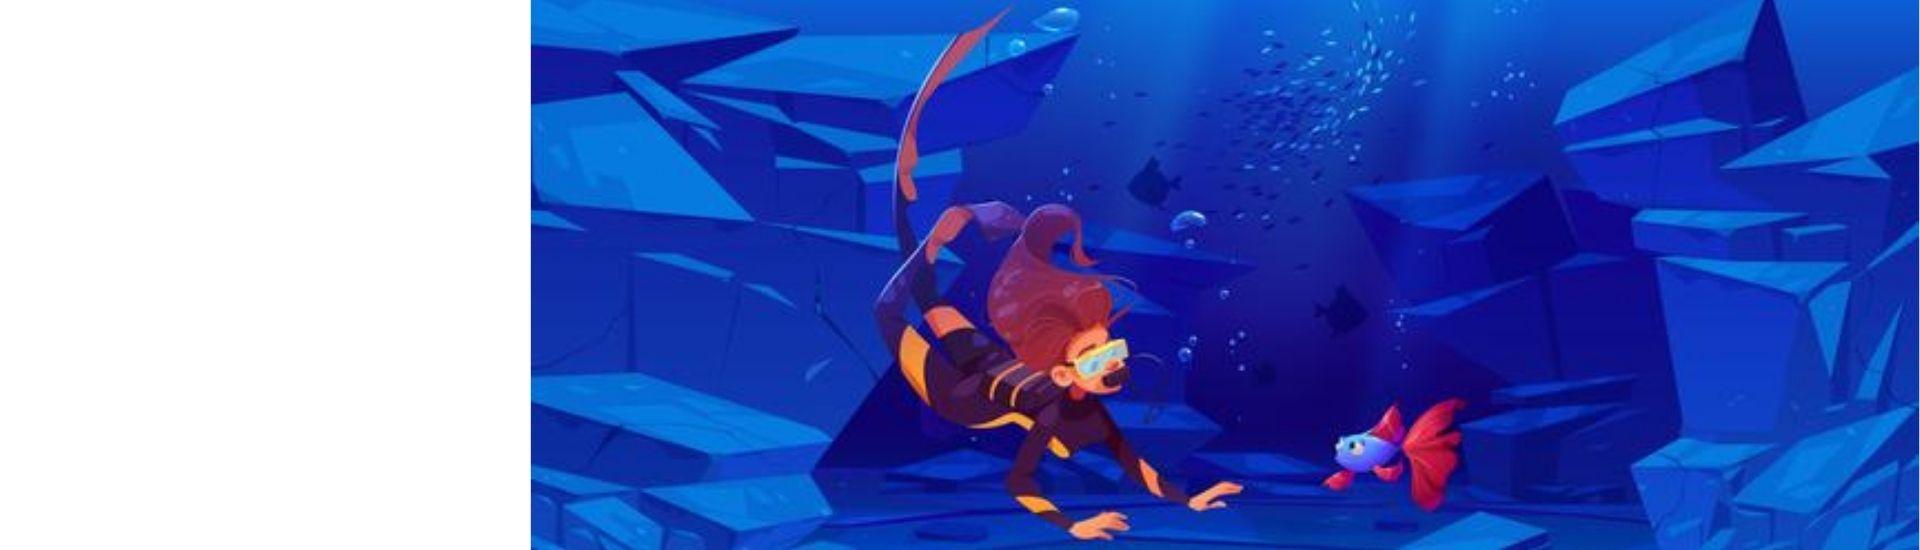 Imagen de una investigadora buceando y descubriendo especies en el océano